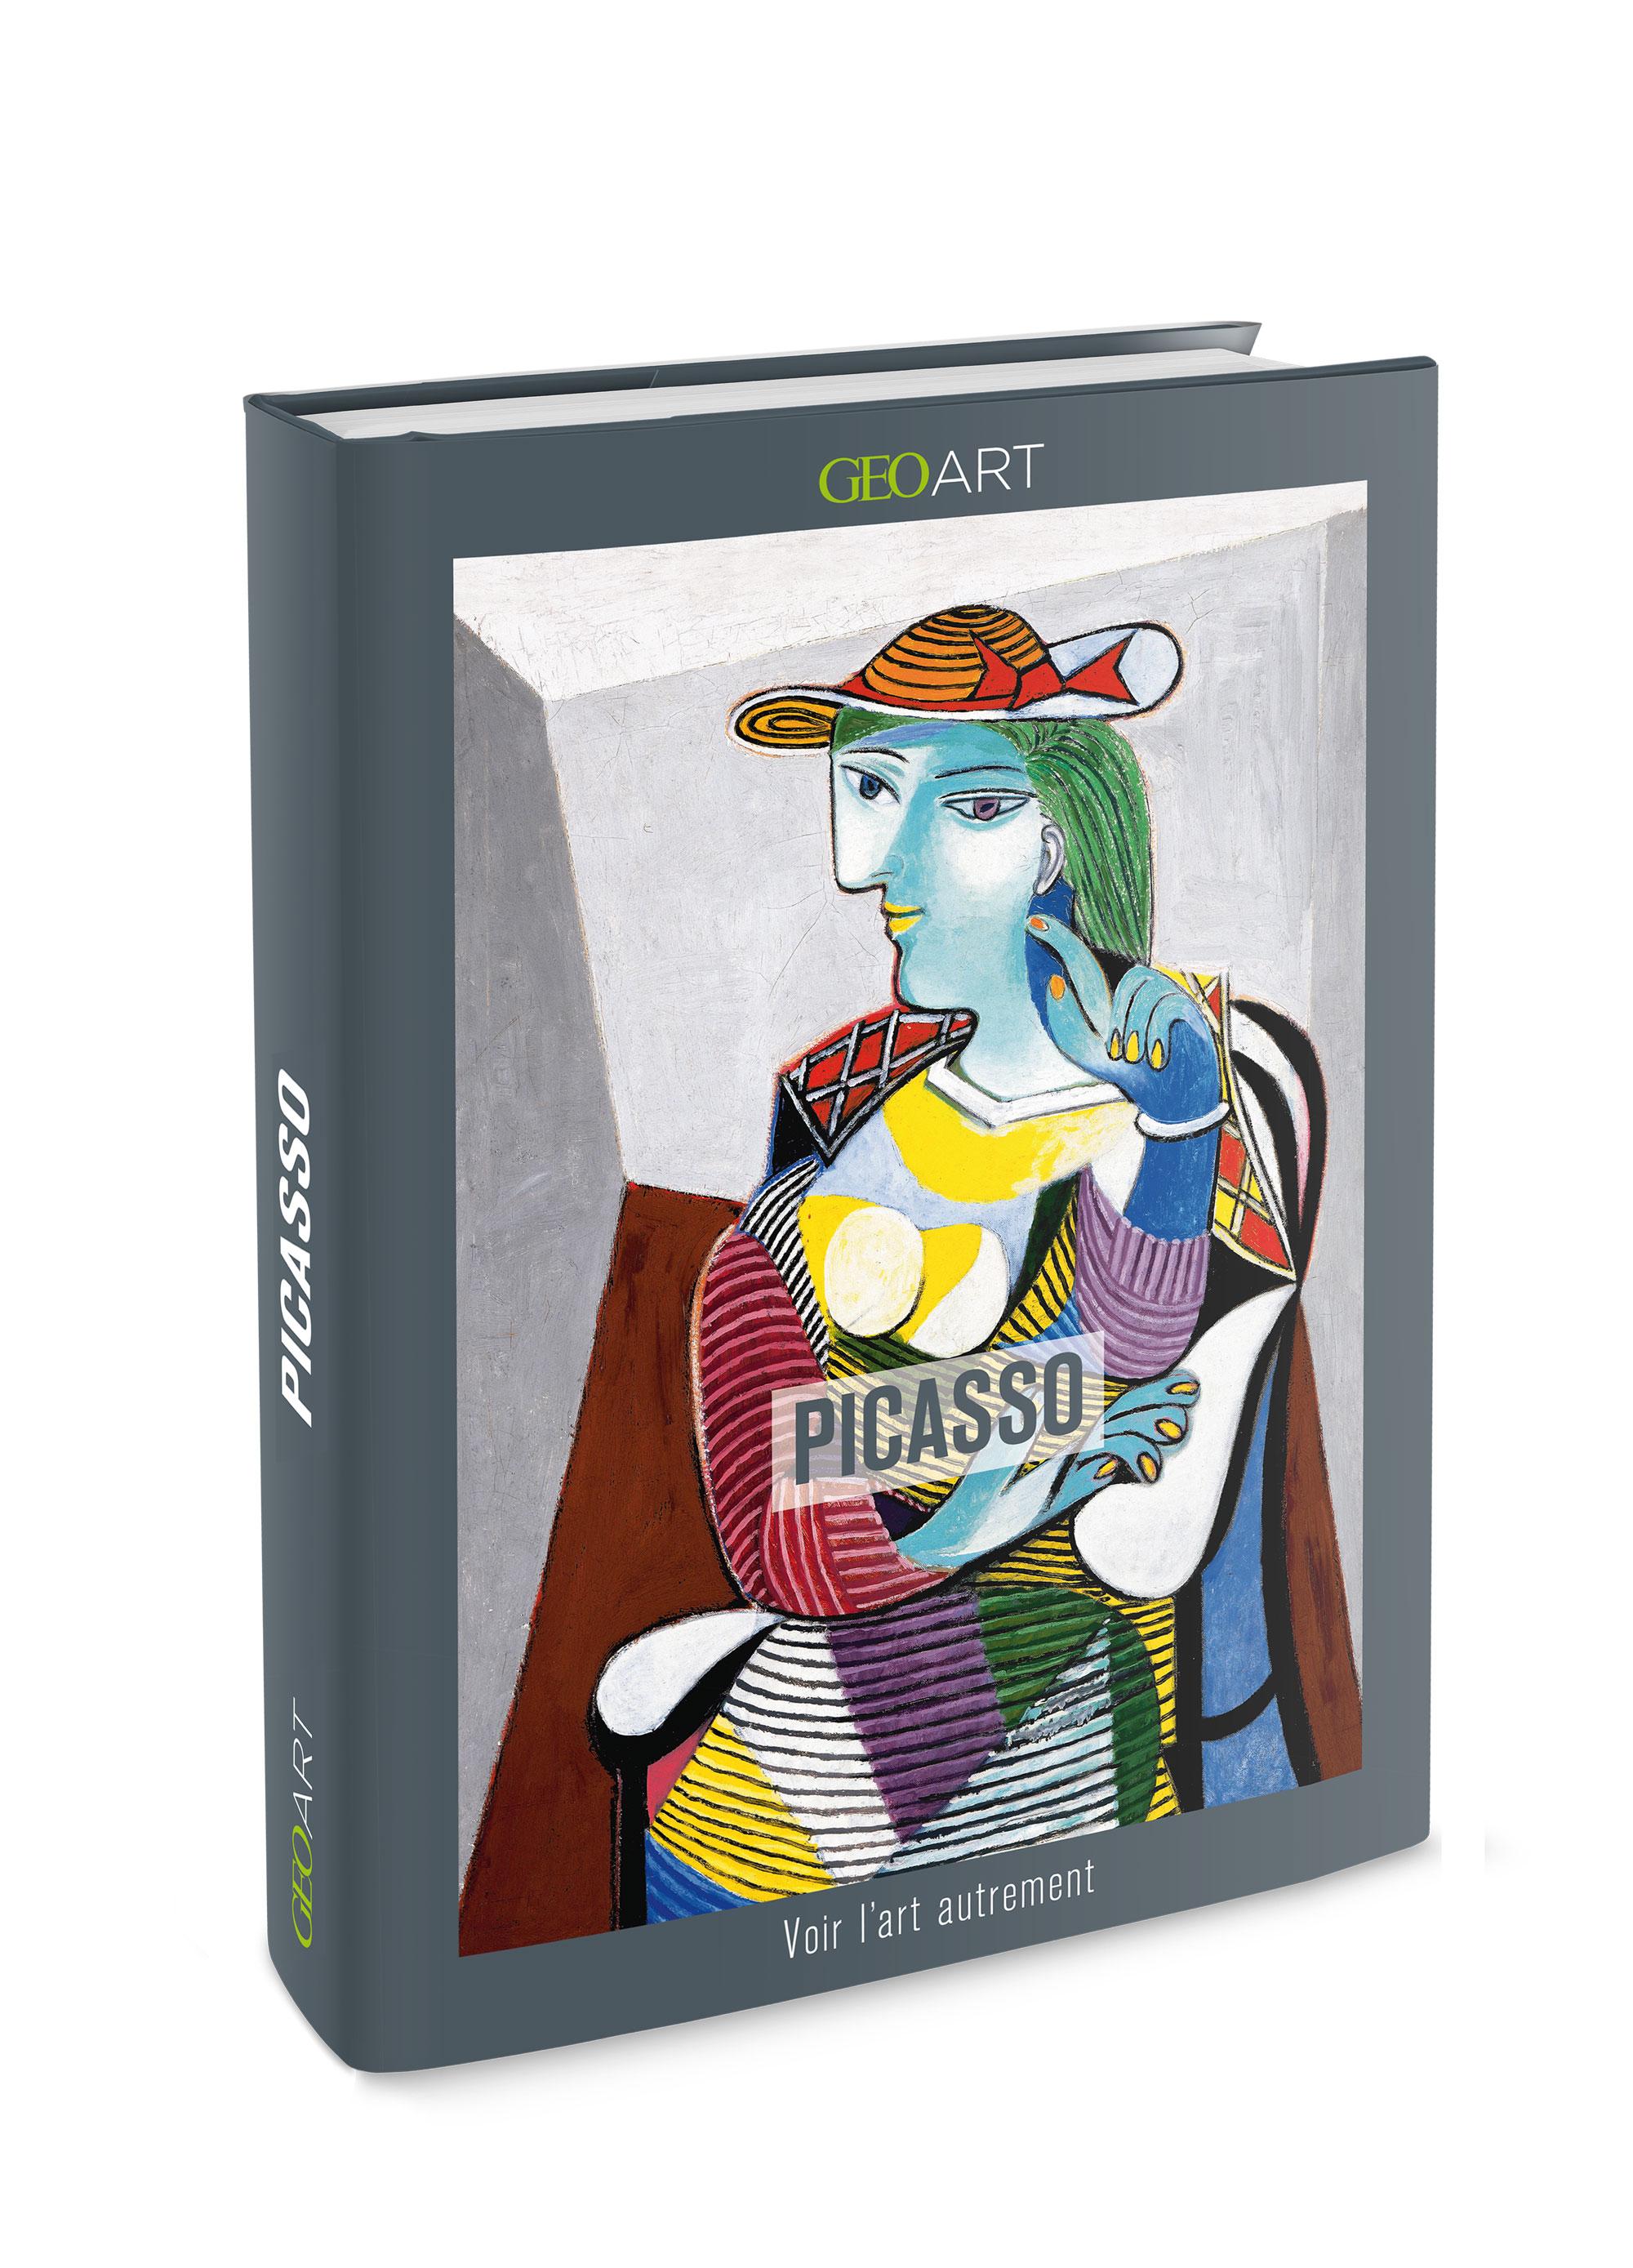 La boutique de Prismashop   beaux livres, guides de voyage, papeterie... -  Prismashop 015dbb13f40